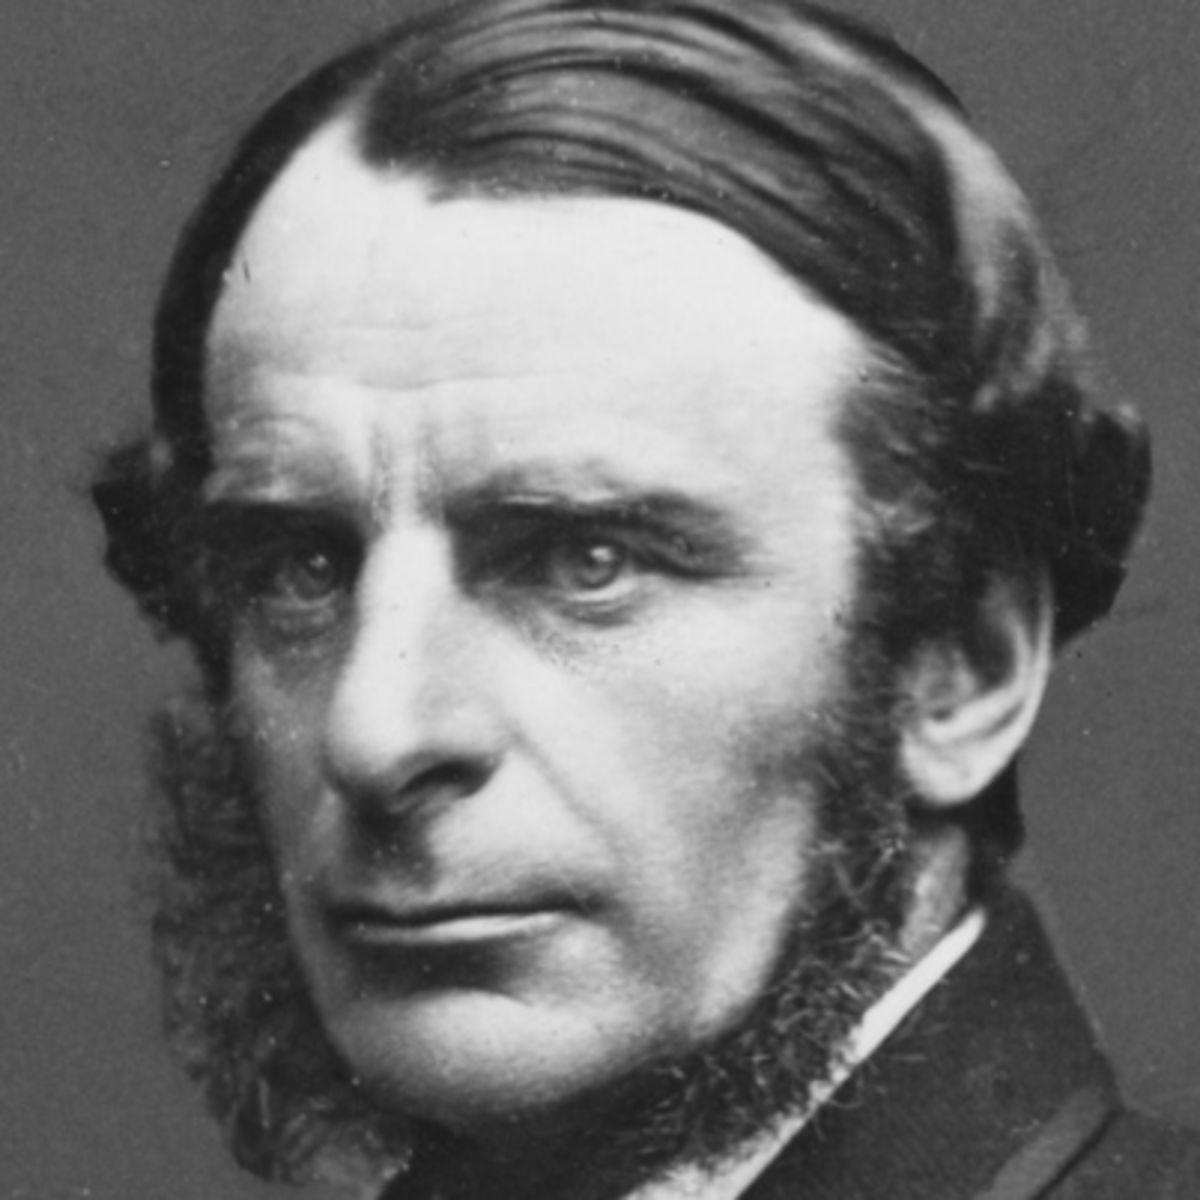 Yazar Charles Kingsley Doğdu